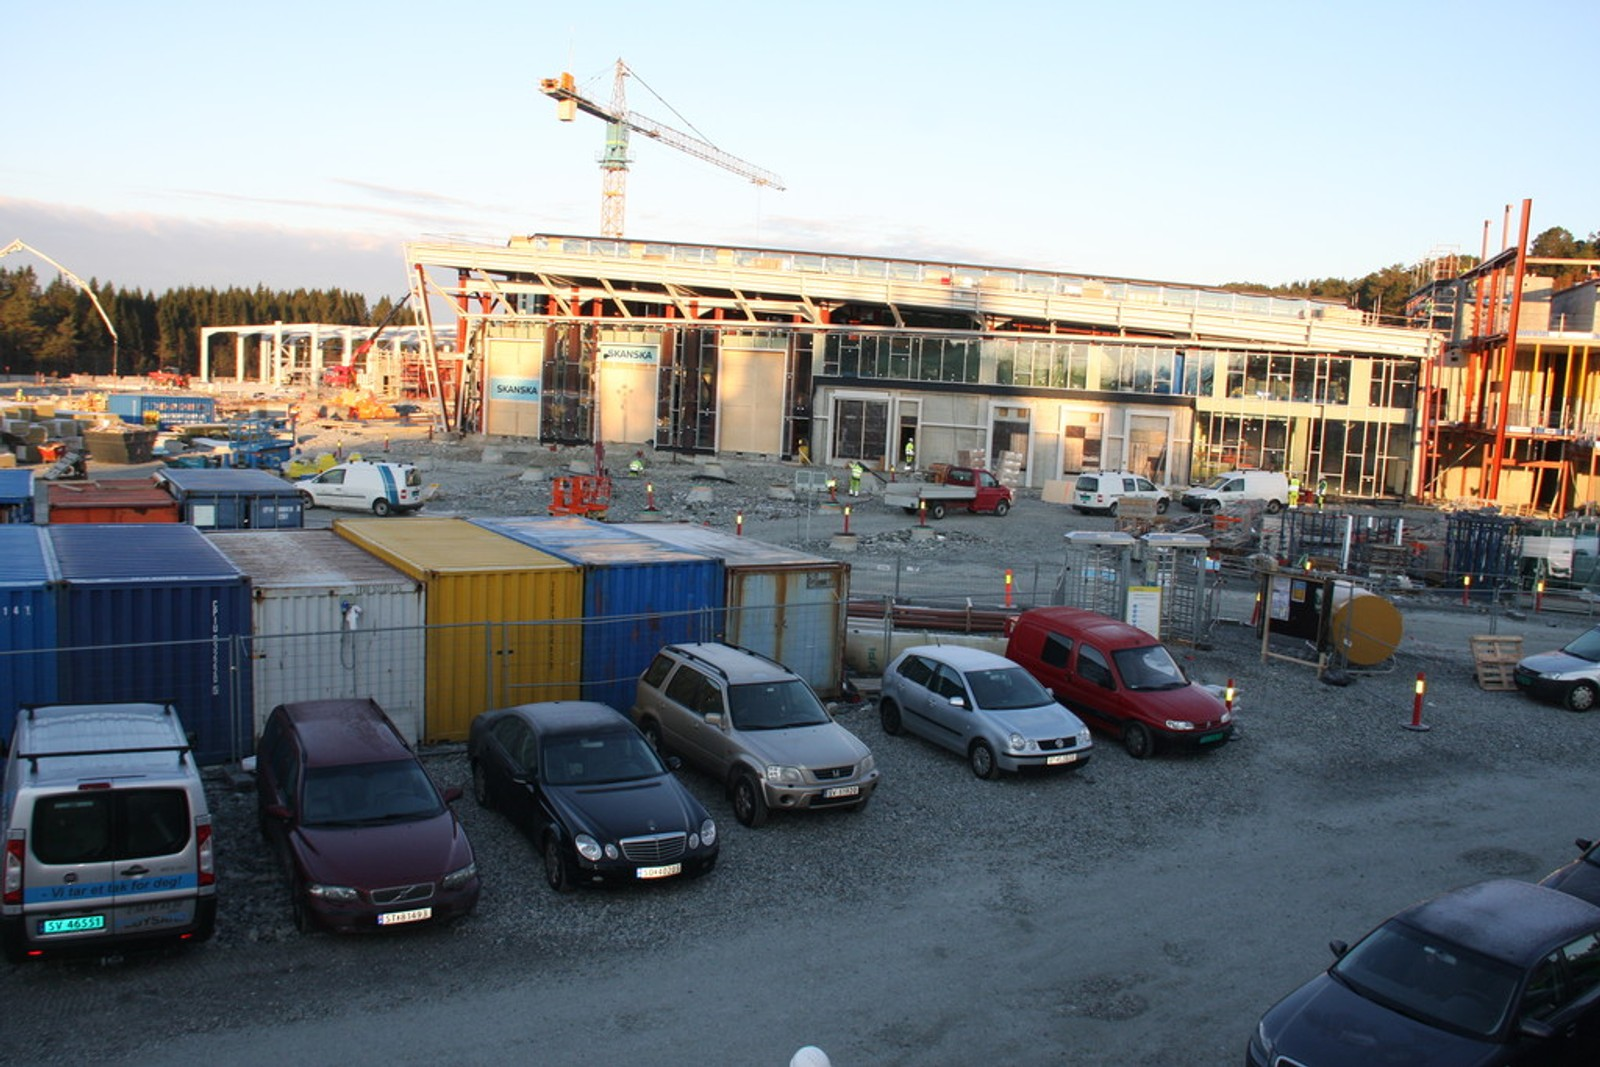 RUVER I TERRENGET: Byggingen av hallen, som ligger ved Fleslandsvegen bare noen hundre meter fra flyplassen, er i full gang. Både verksted, vognhall og administrasjonsbygget er veldig synlige i terrenget.